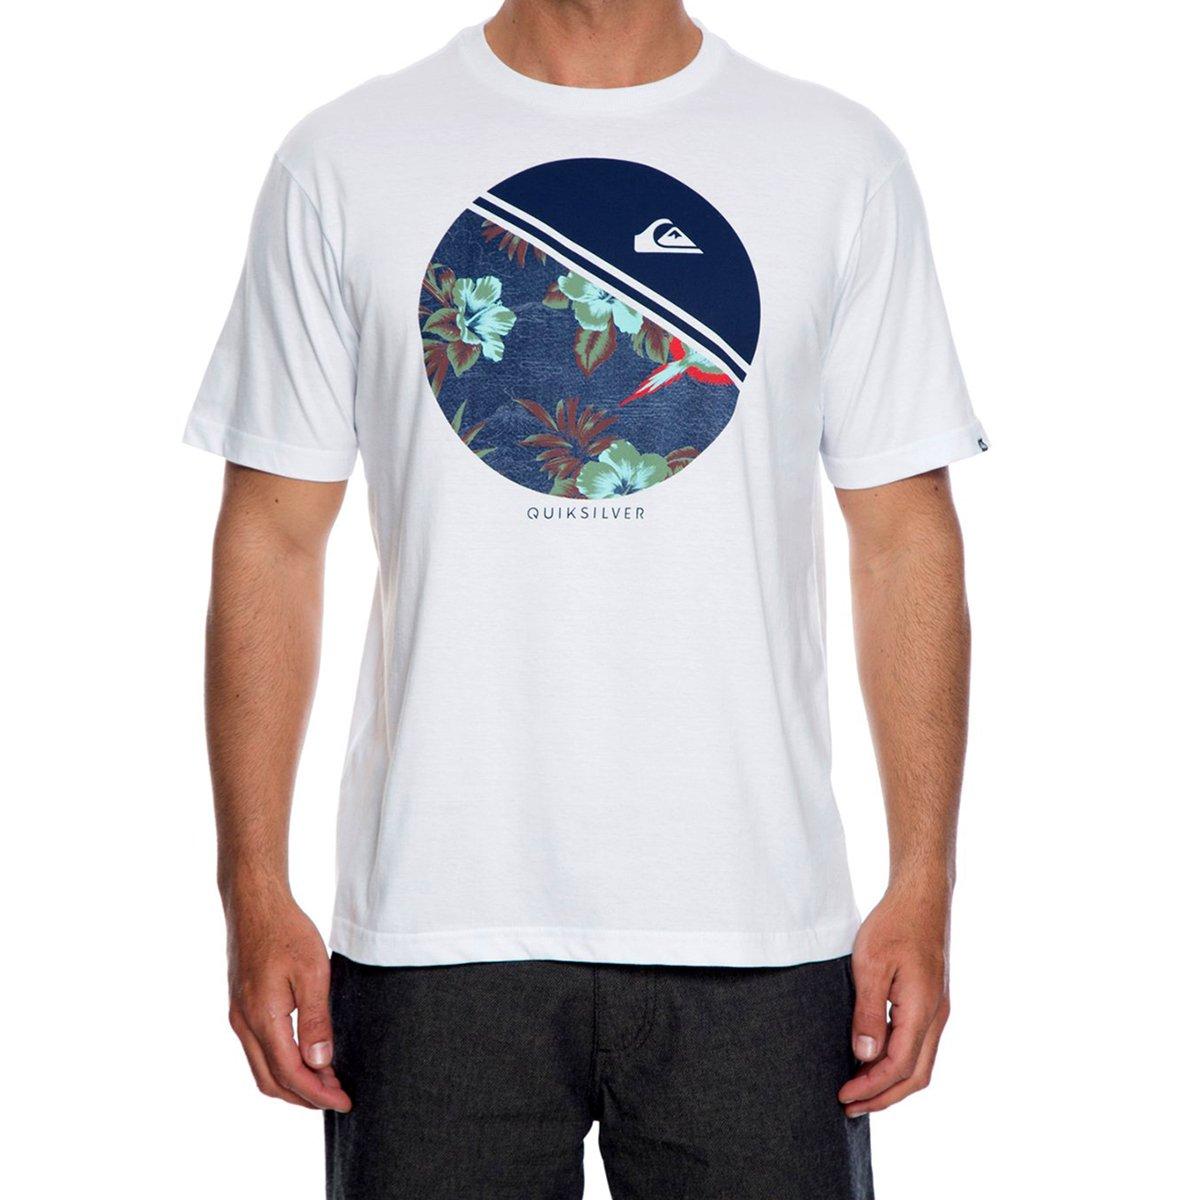 Camiseta Quiksilver Pack Classic Masculina - Branca